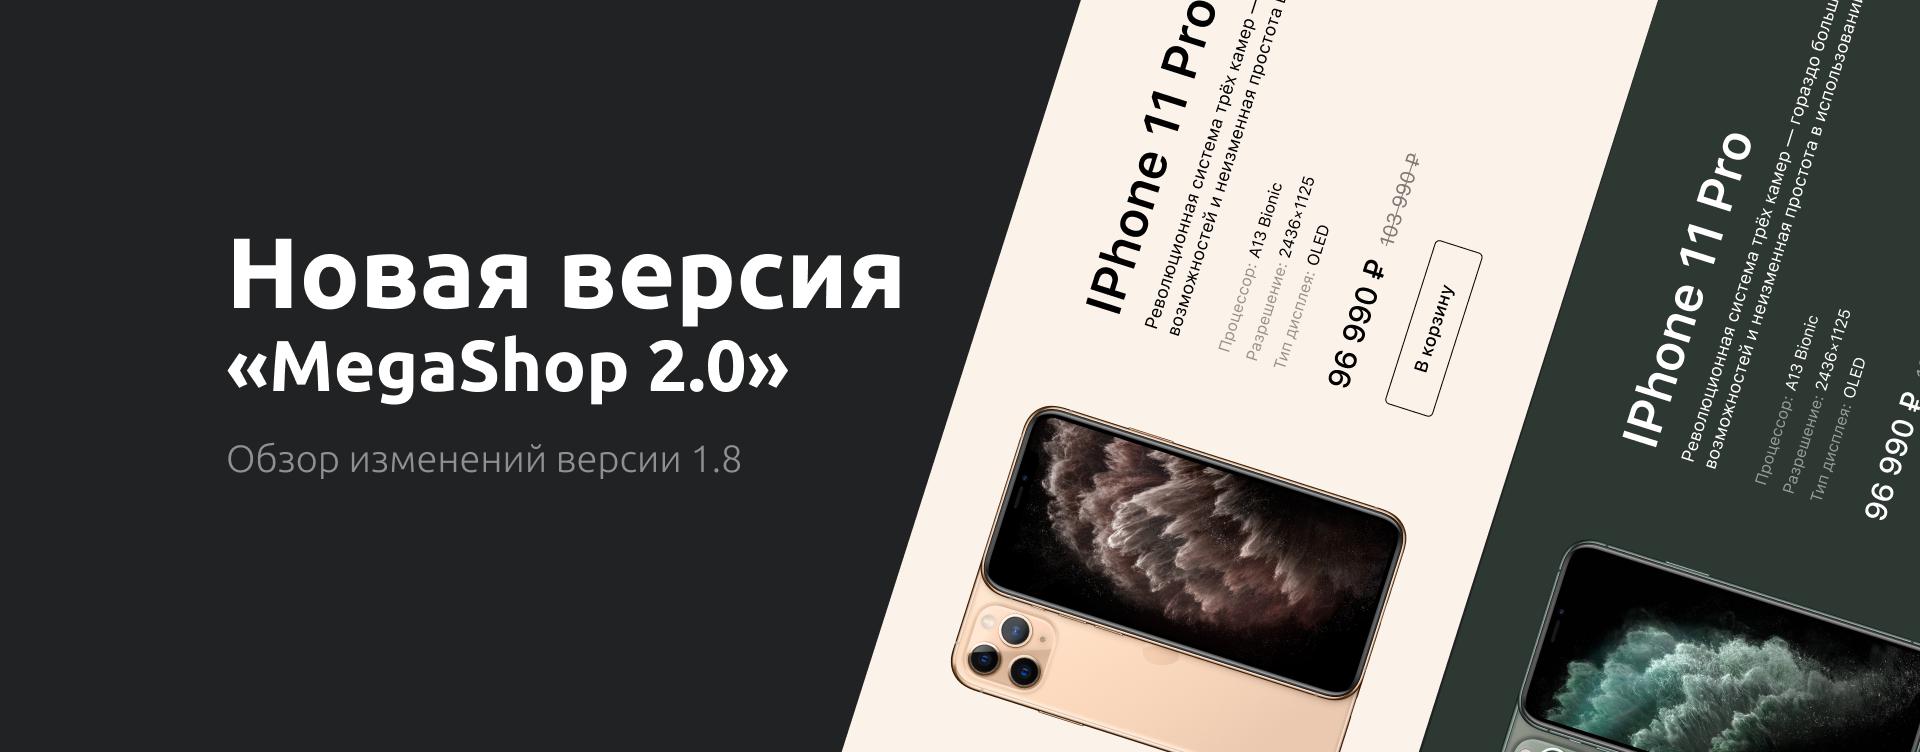 Обзор новой версии «Megashop 2.0» v1.8